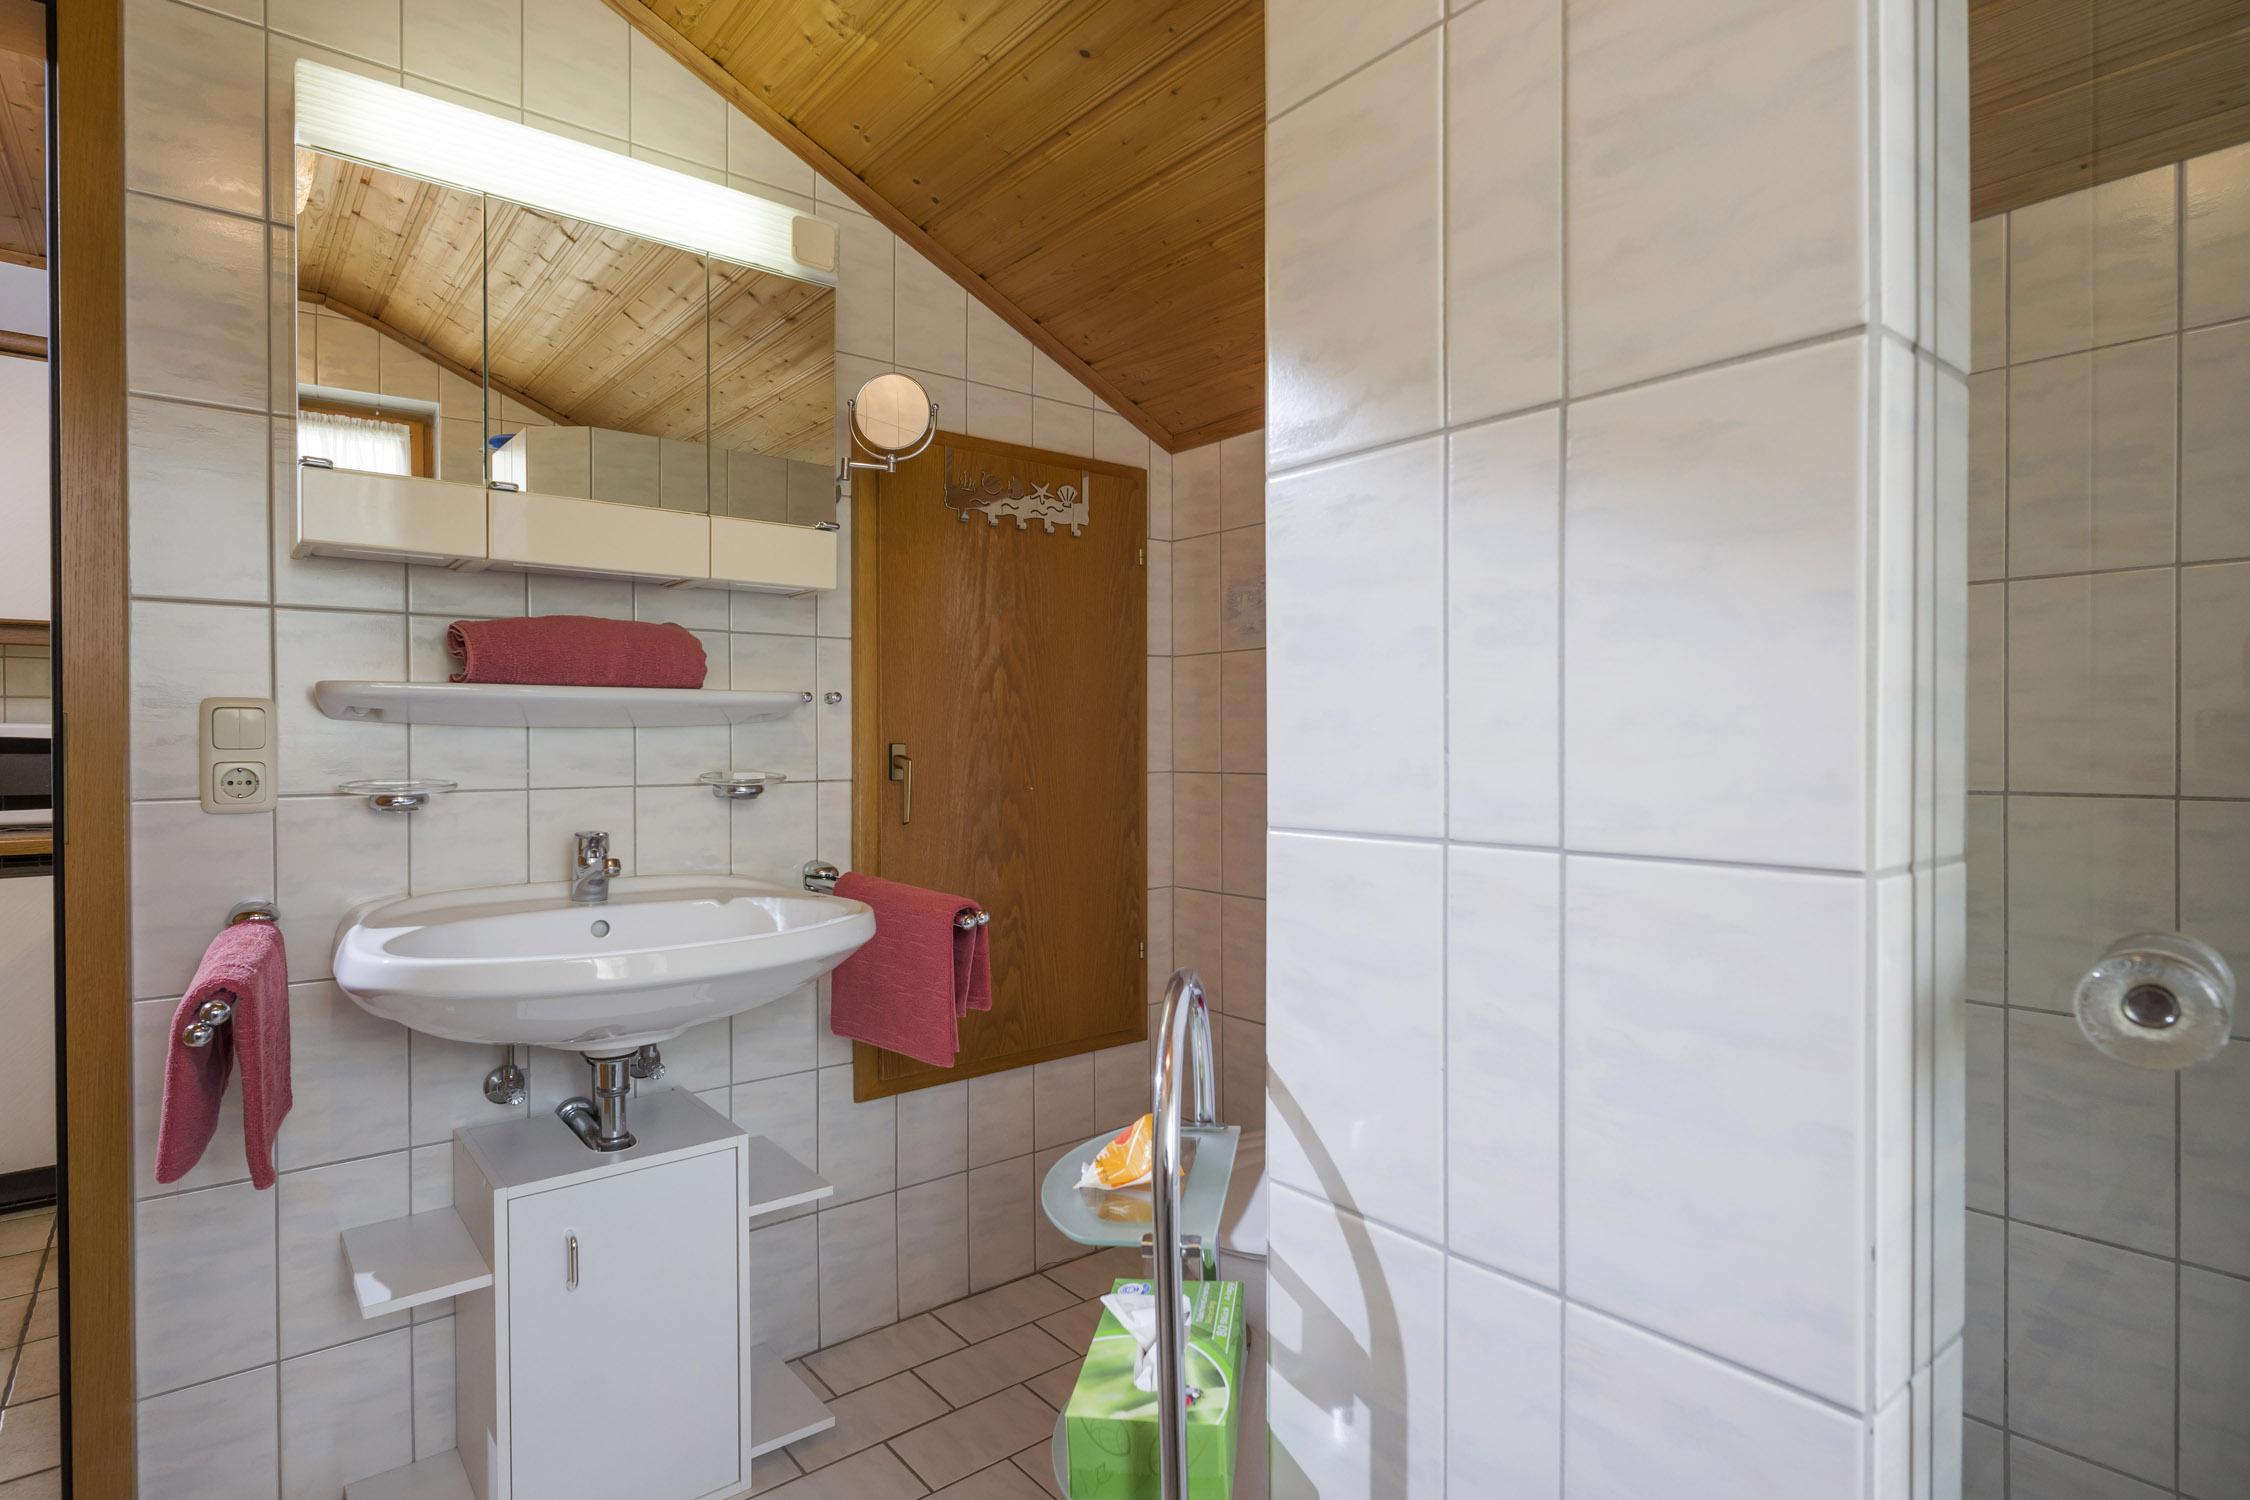 Ferienhaus Haus Enzian (DE Oberaudorf). 2-Zimmer Ferienhaus 48qm (709913), Oberaudorf, Chiemgau, Bayern, Deutschland, Bild 13